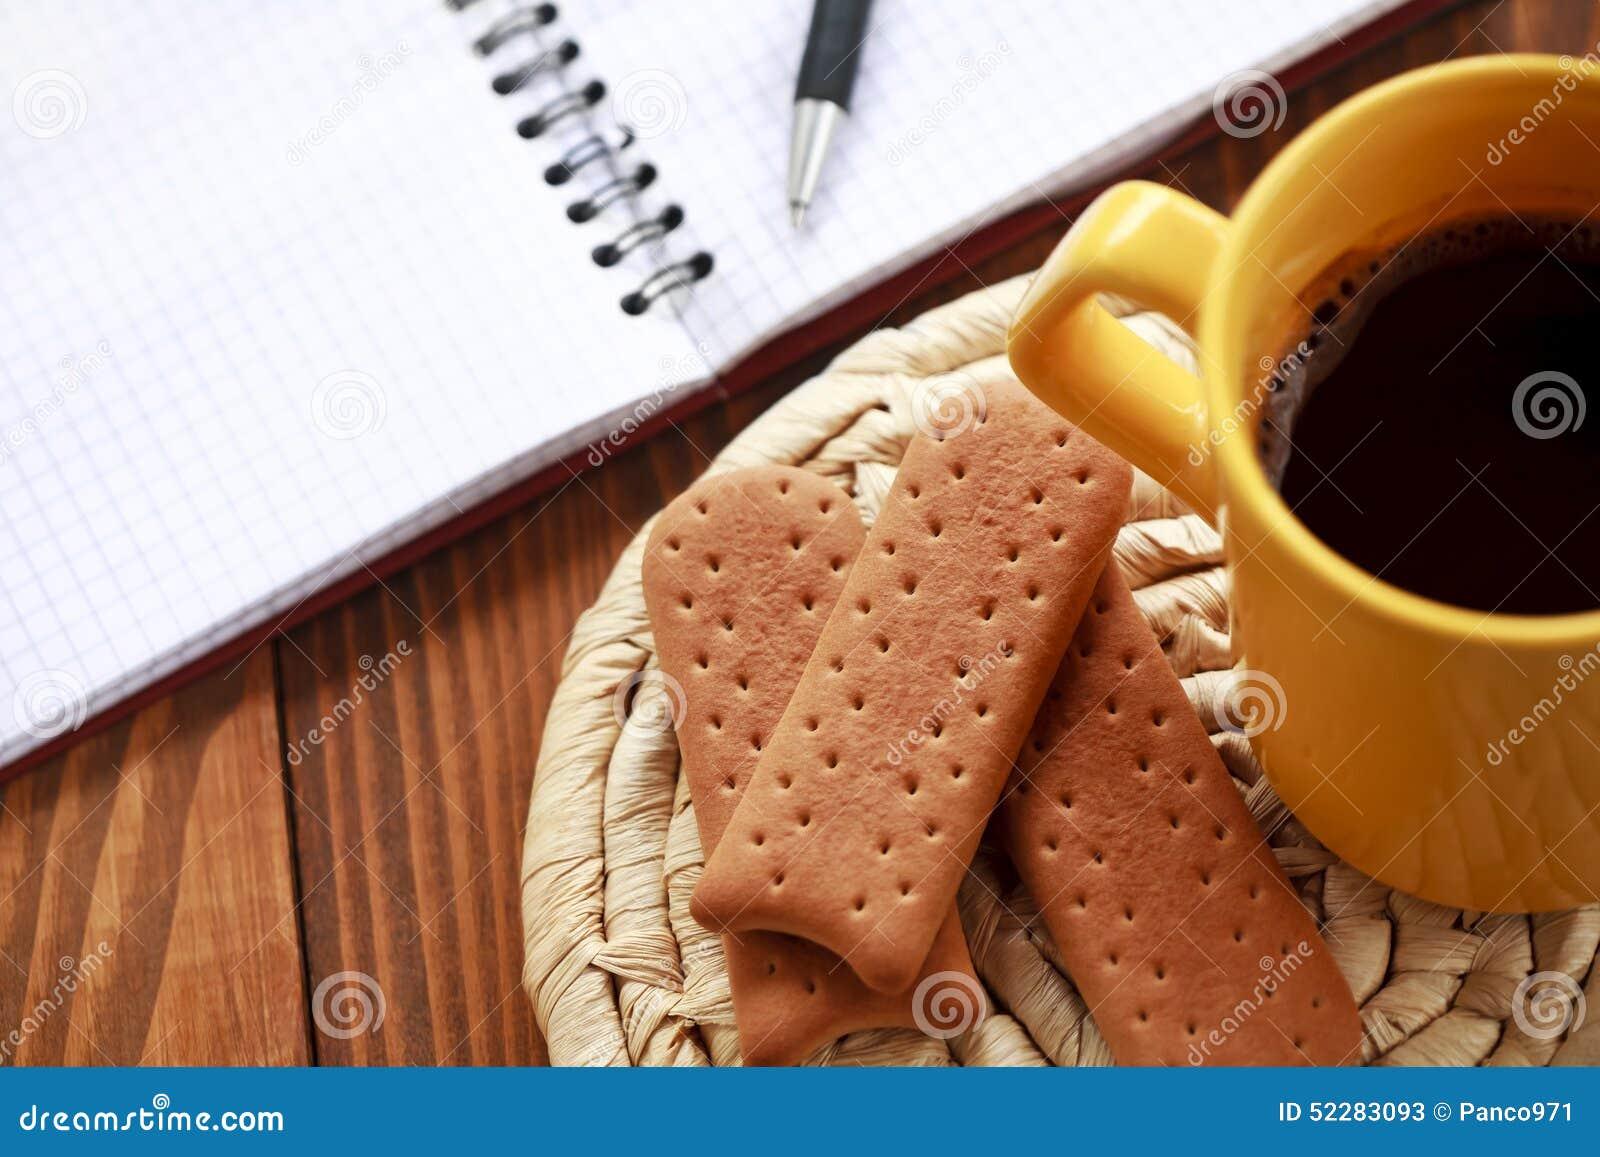 Descanso para tomar café en el trabajo